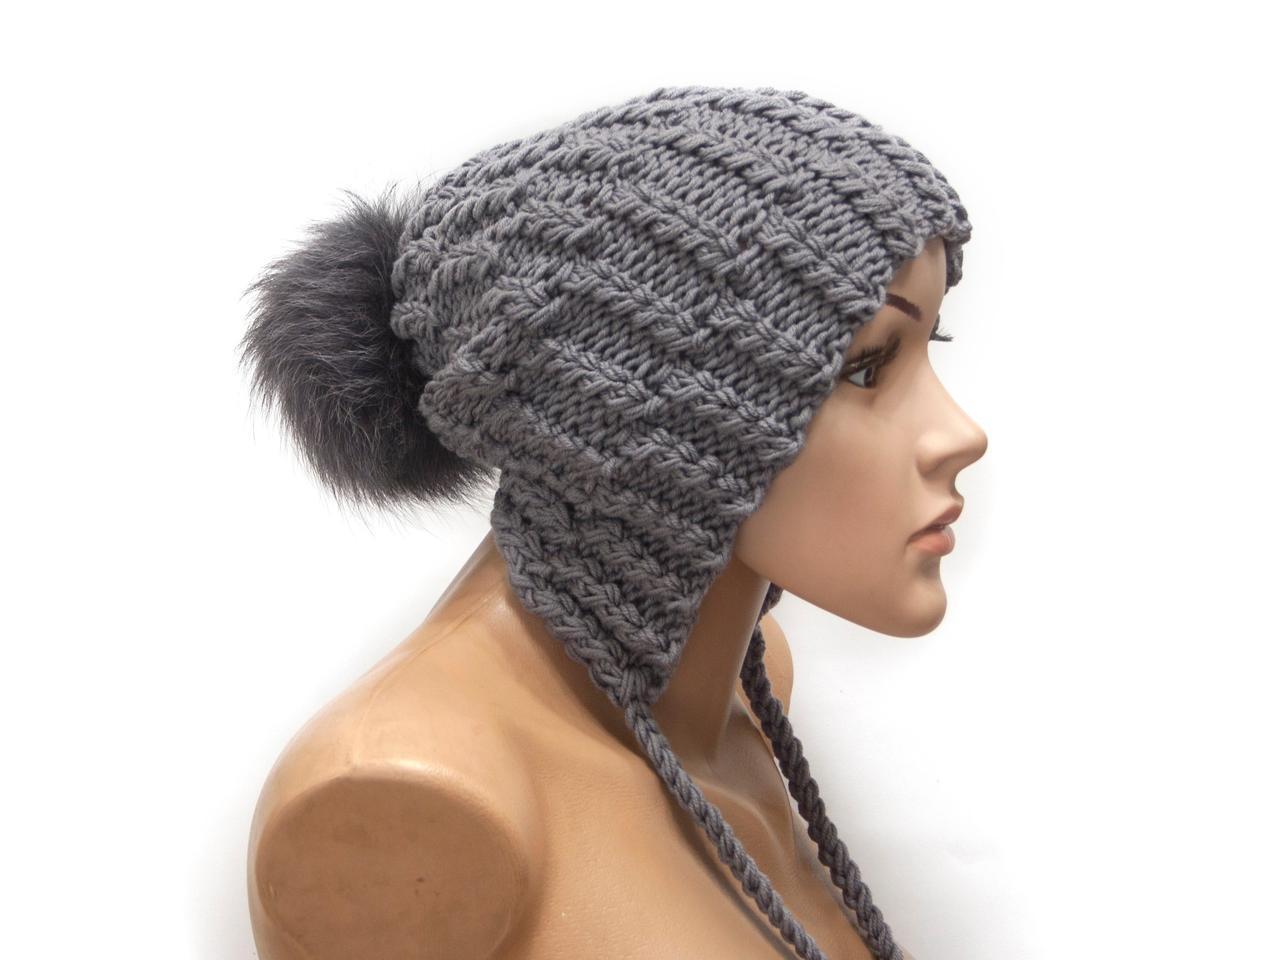 Шапка, женская вязаная шапка, пом пом шапка, HandMade шапка, модная стильная шапка